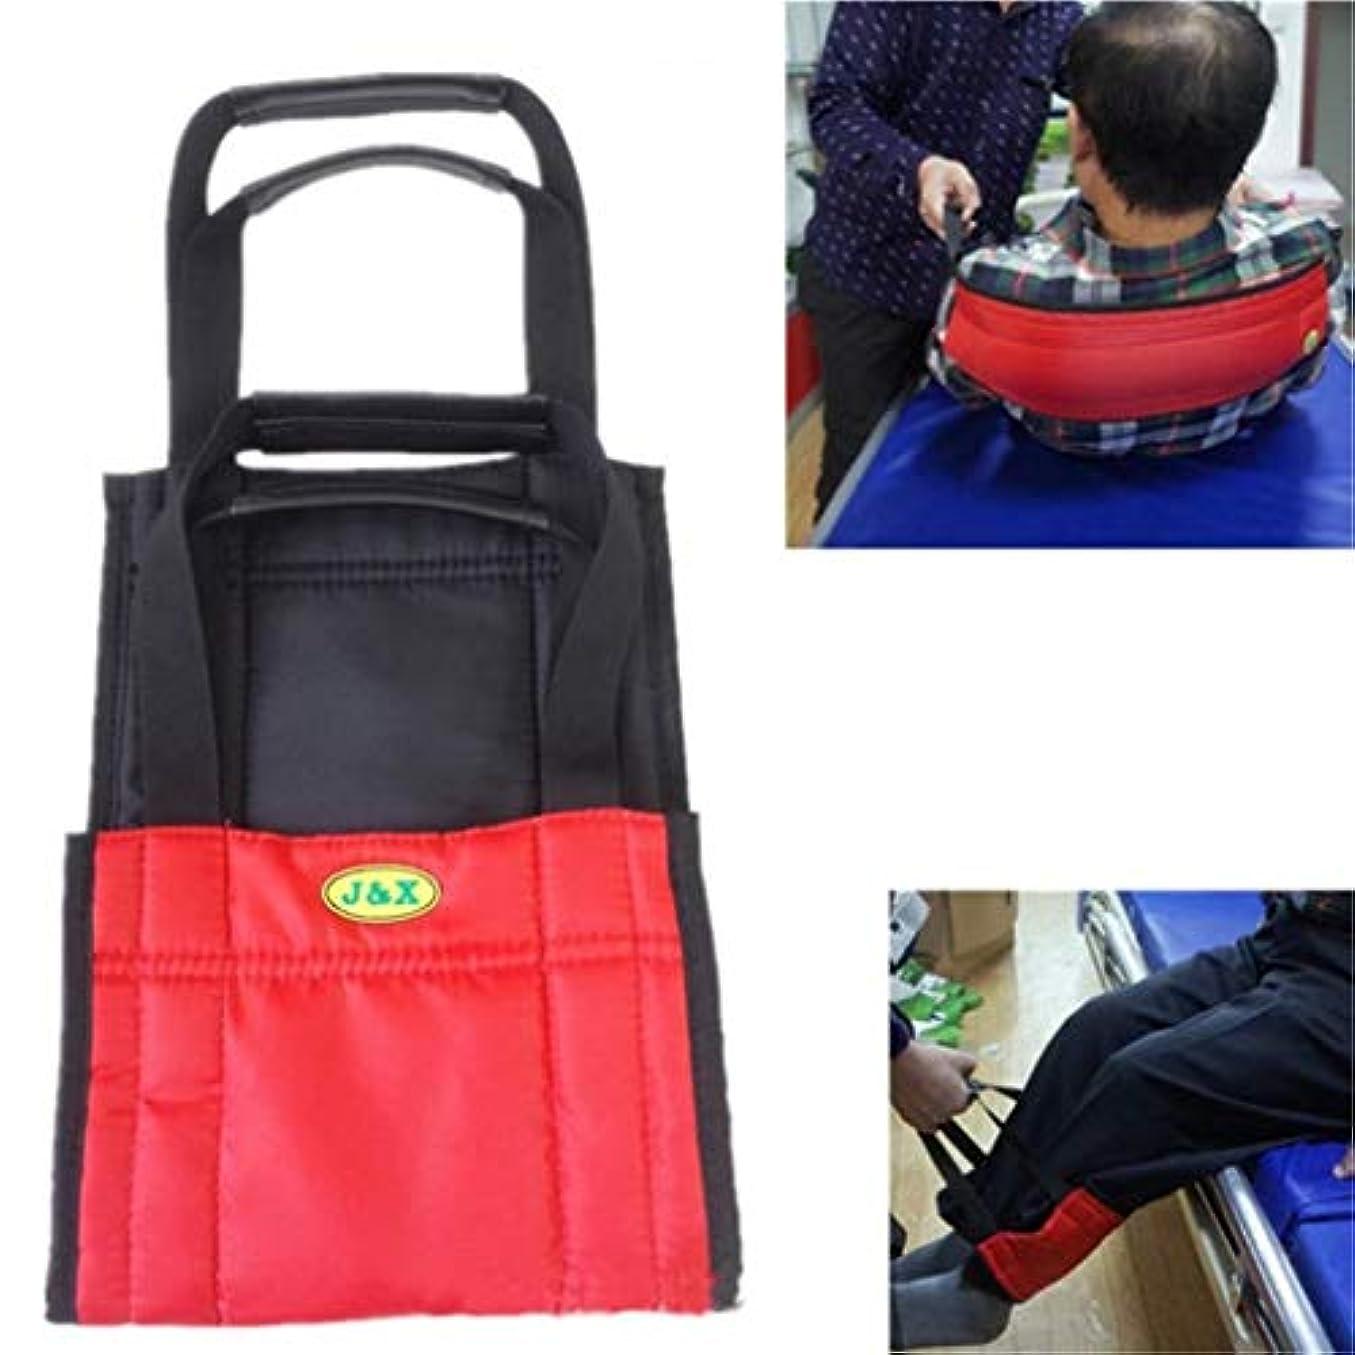 祭司予測する一トランスファーボードベルト車椅子スライド式メディカルリフティングスリングターナー患者の安全安全移動補助器具看護用歩行ベルト高齢者用身体障害者